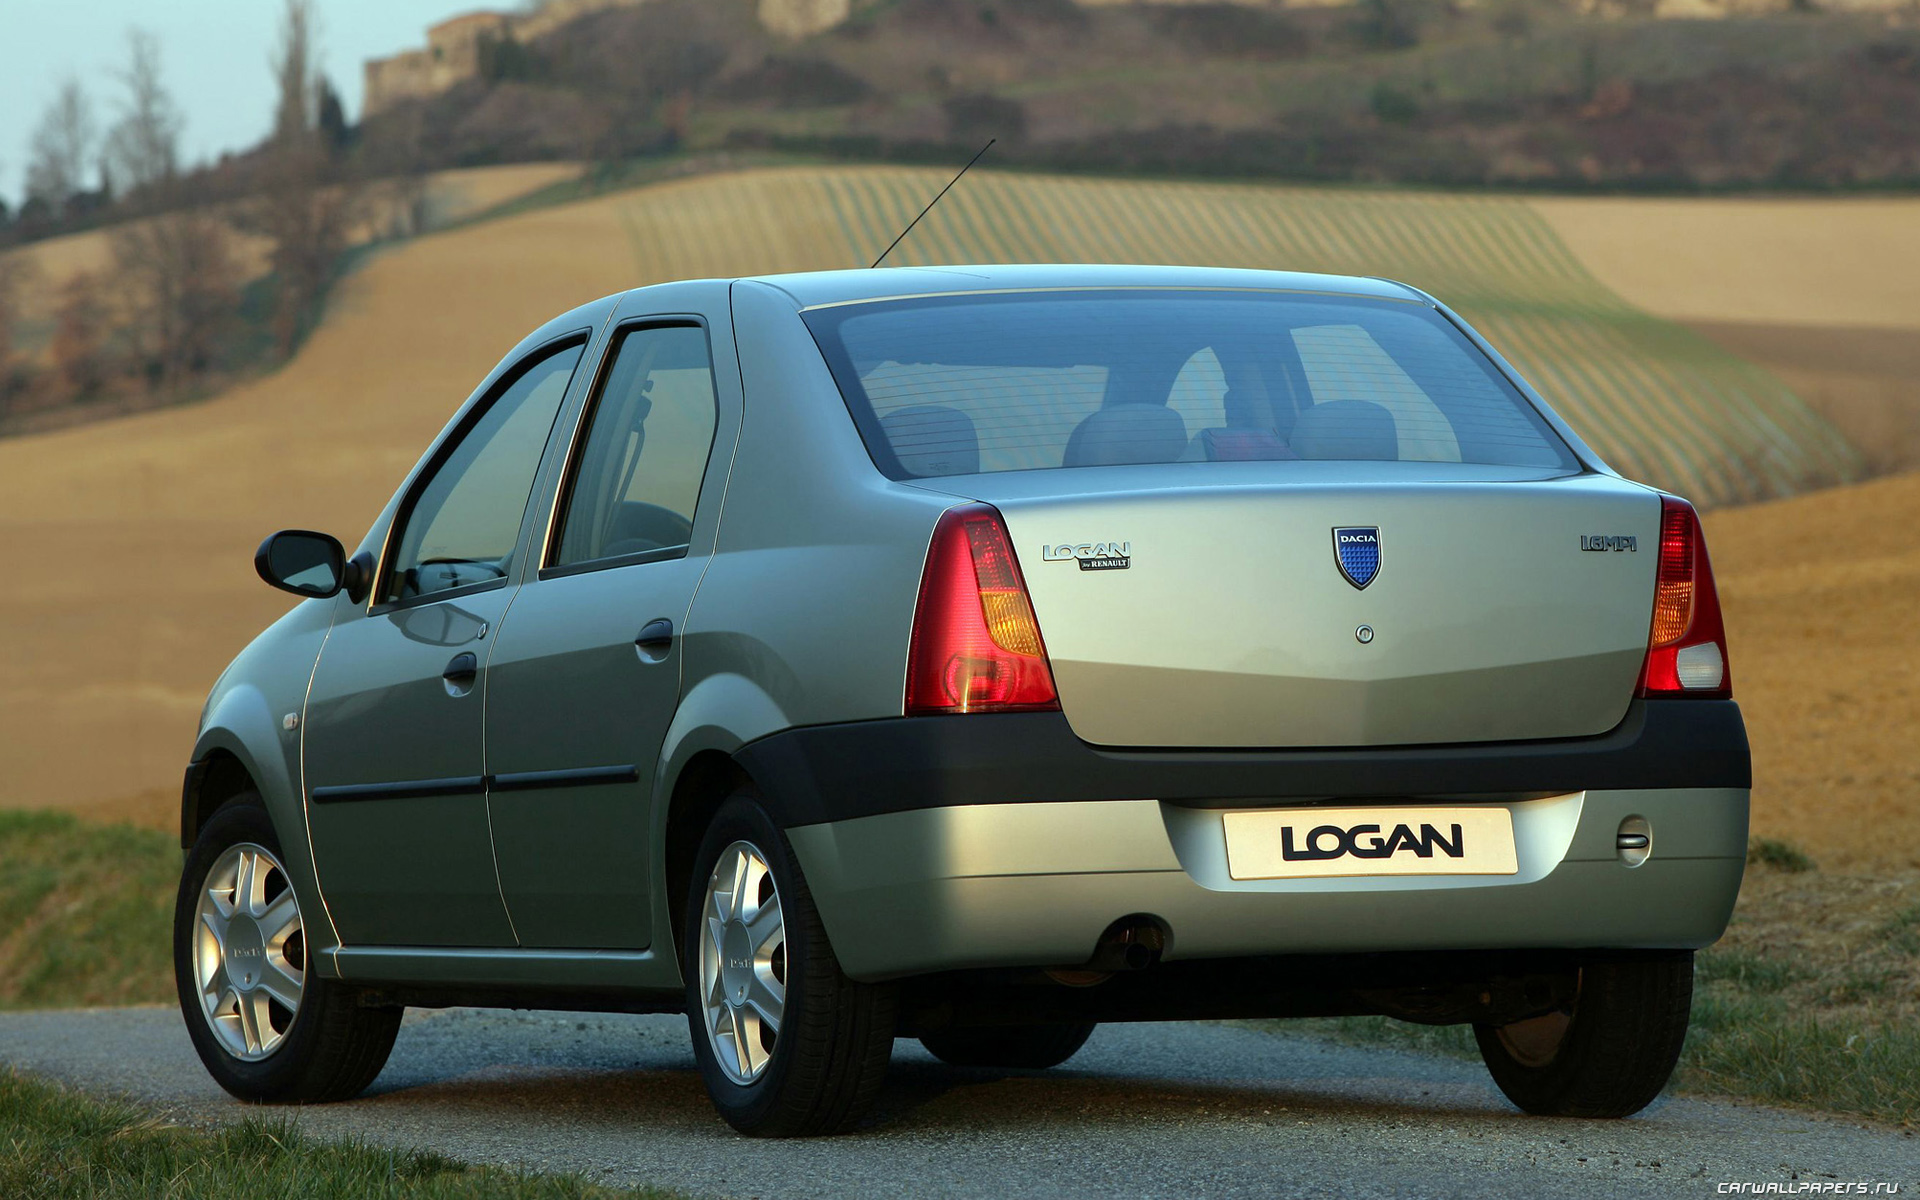 Renault megane 2008 г., приветствую всех читателей заинтересовавшихся данным отзывом, бензин, механическая коробка передач